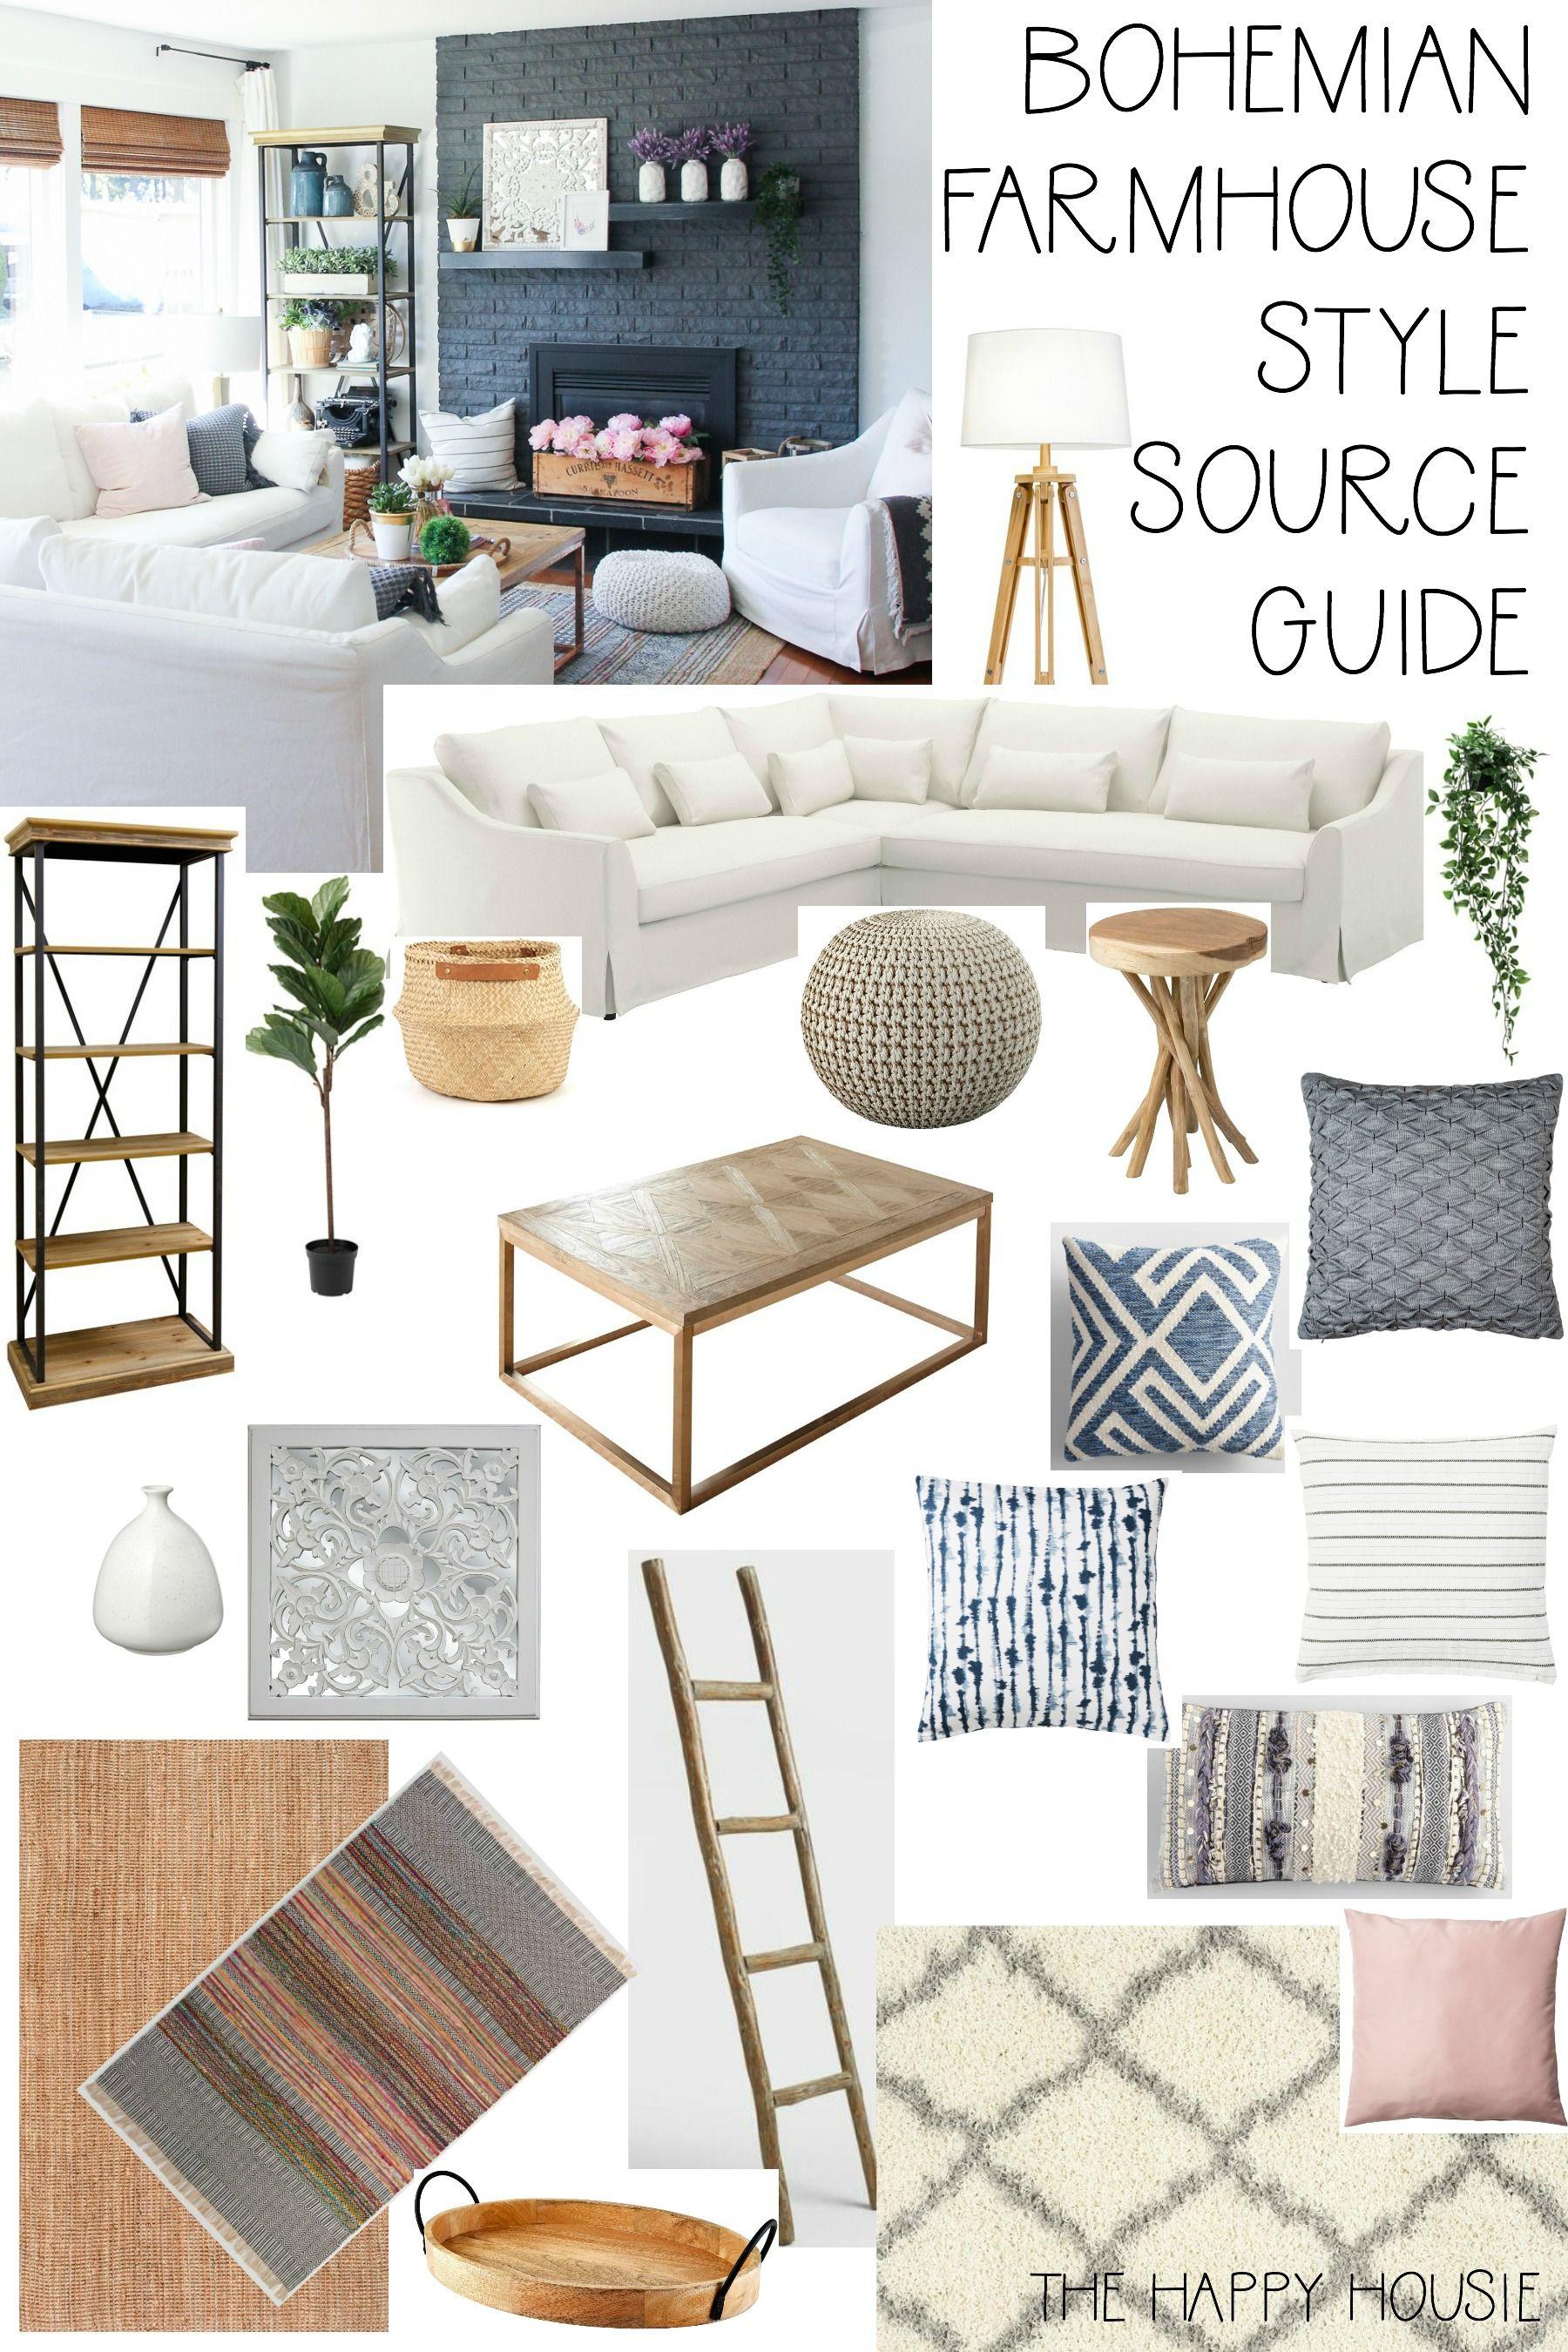 Boho farmhouse living room source guide boho living room